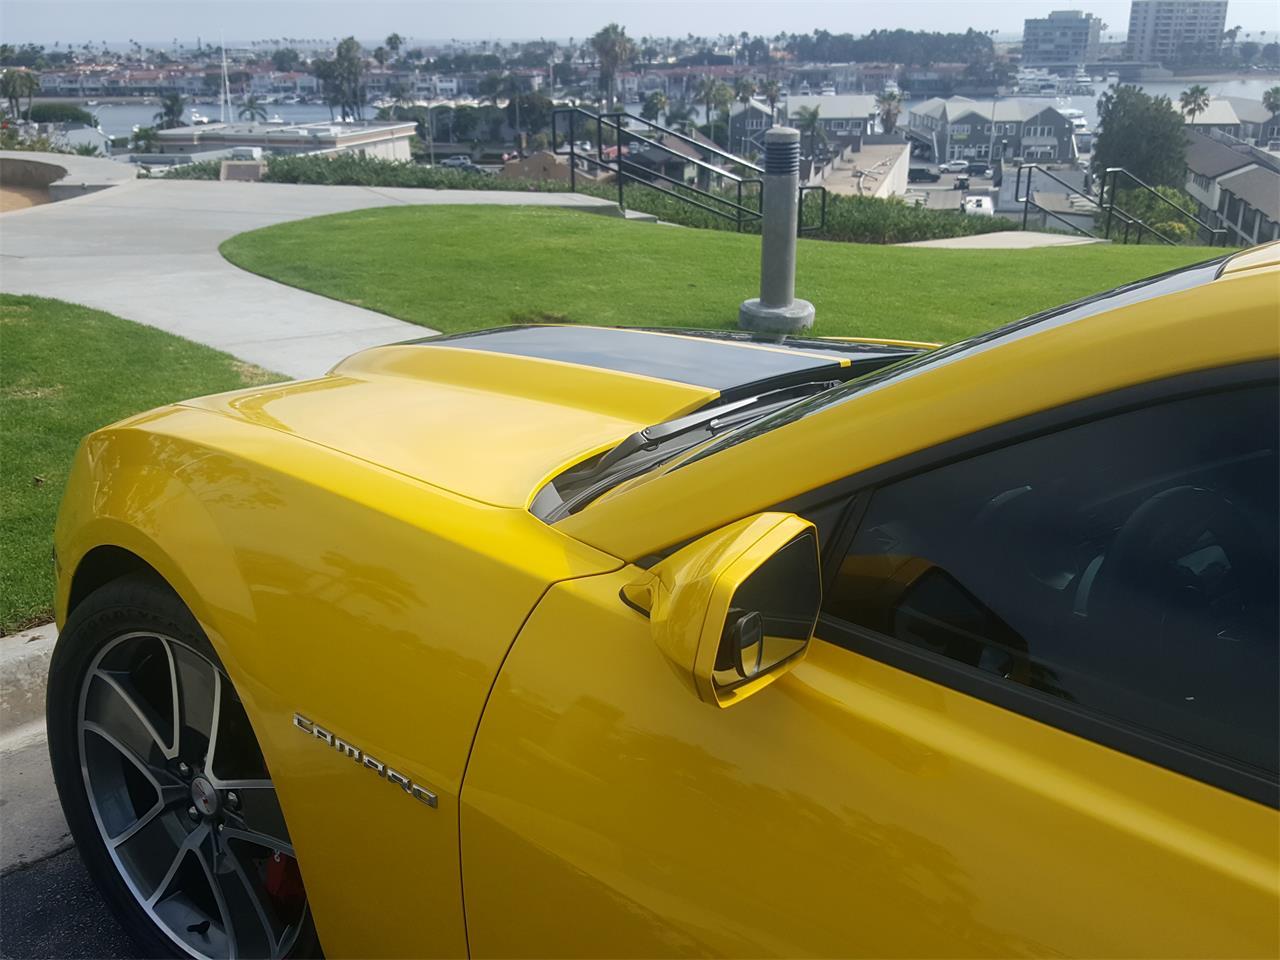 2010 Chevrolet Camaro SS (CC-1084779) for sale in Costa Mesa, California